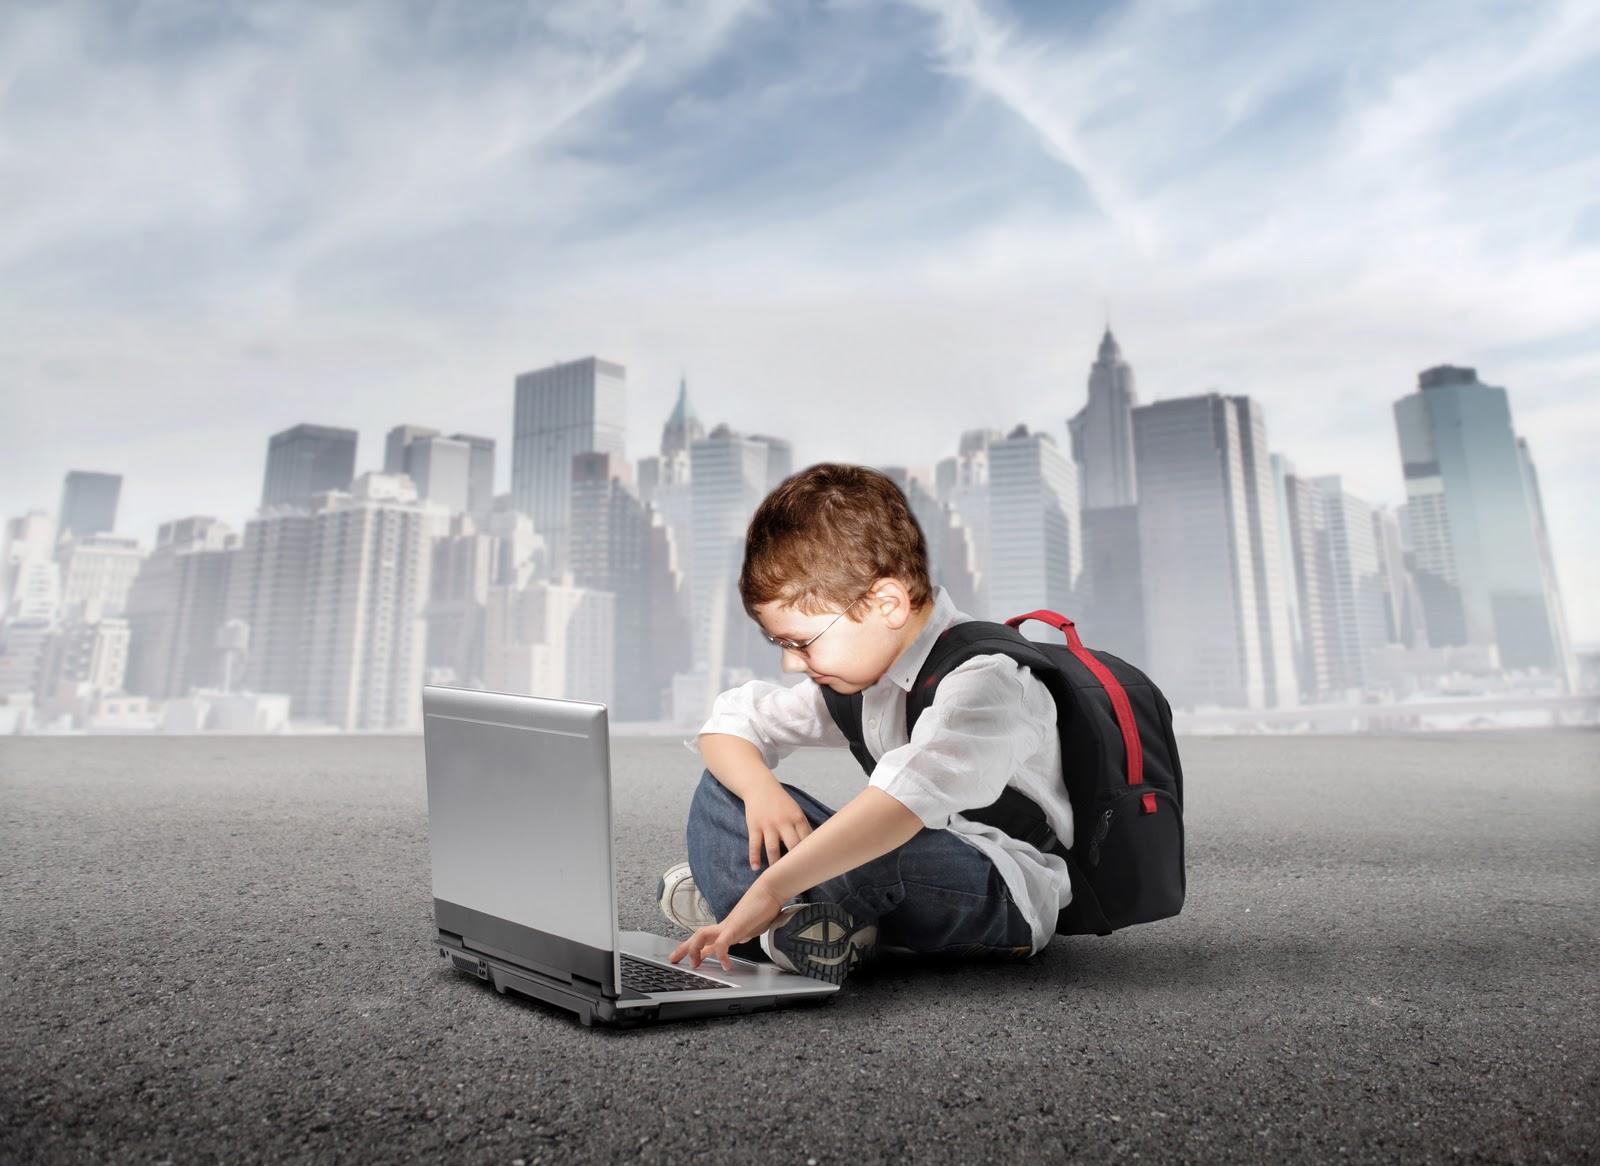 Мир изменился и интернет стал частью жизни